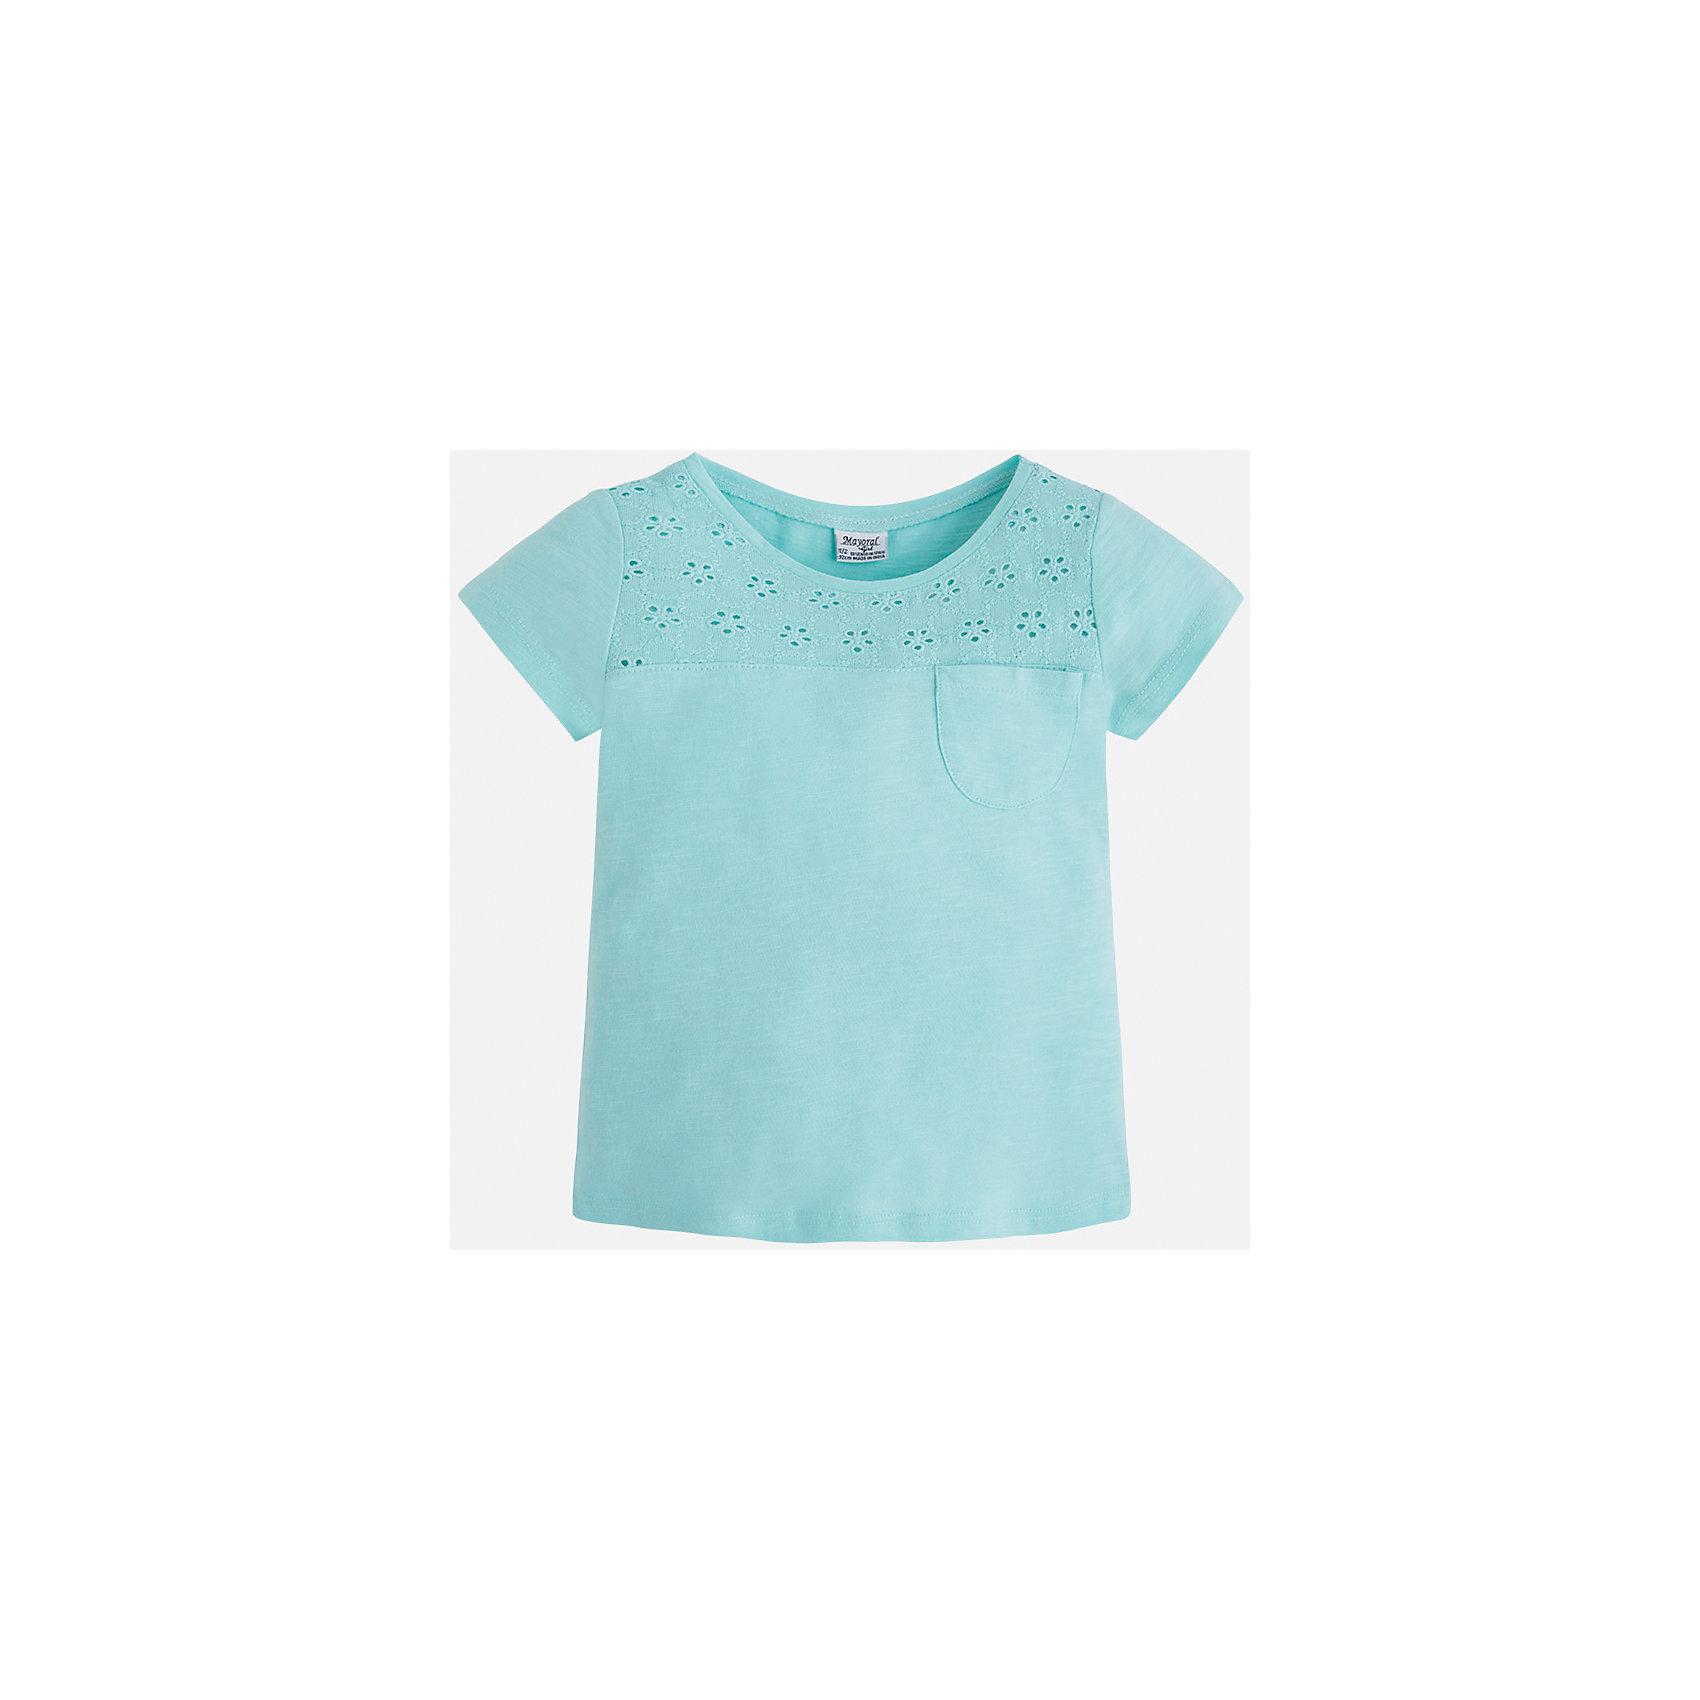 Футболка для девочки MayoralХарактеристики товара:<br><br>• цвет: мятный<br>• состав: 100% хлопок<br>• ажурный верх<br>• карман на груди<br>• короткие рукава<br>• округлый горловой вырез<br>• страна бренда: Испания<br><br>Стильная качественная футболка для девочки поможет разнообразить гардероб ребенка и украсить наряд. Она отлично сочетается и с юбками, и с шортами, и с брюками. Универсальный цвет позволяет подобрать к вещи низ практически любой расцветки. Интересная отделка модели делает её нарядной и оригинальной. В составе ткани преобладает натуральный хлопок, гипоаллергенный, приятный на ощупь, дышащий.<br><br>Одежда, обувь и аксессуары от испанского бренда Mayoral полюбились детям и взрослым по всему миру. Модели этой марки - стильные и удобные. Для их производства используются только безопасные, качественные материалы и фурнитура. Порадуйте ребенка модными и красивыми вещами от Mayoral! <br><br>Футболку для девочки от испанского бренда Mayoral (Майорал) можно купить в нашем интернет-магазине.<br><br>Ширина мм: 199<br>Глубина мм: 10<br>Высота мм: 161<br>Вес г: 151<br>Цвет: голубой<br>Возраст от месяцев: 96<br>Возраст до месяцев: 108<br>Пол: Женский<br>Возраст: Детский<br>Размер: 92,98,104,110,116,134,122,128<br>SKU: 5288529